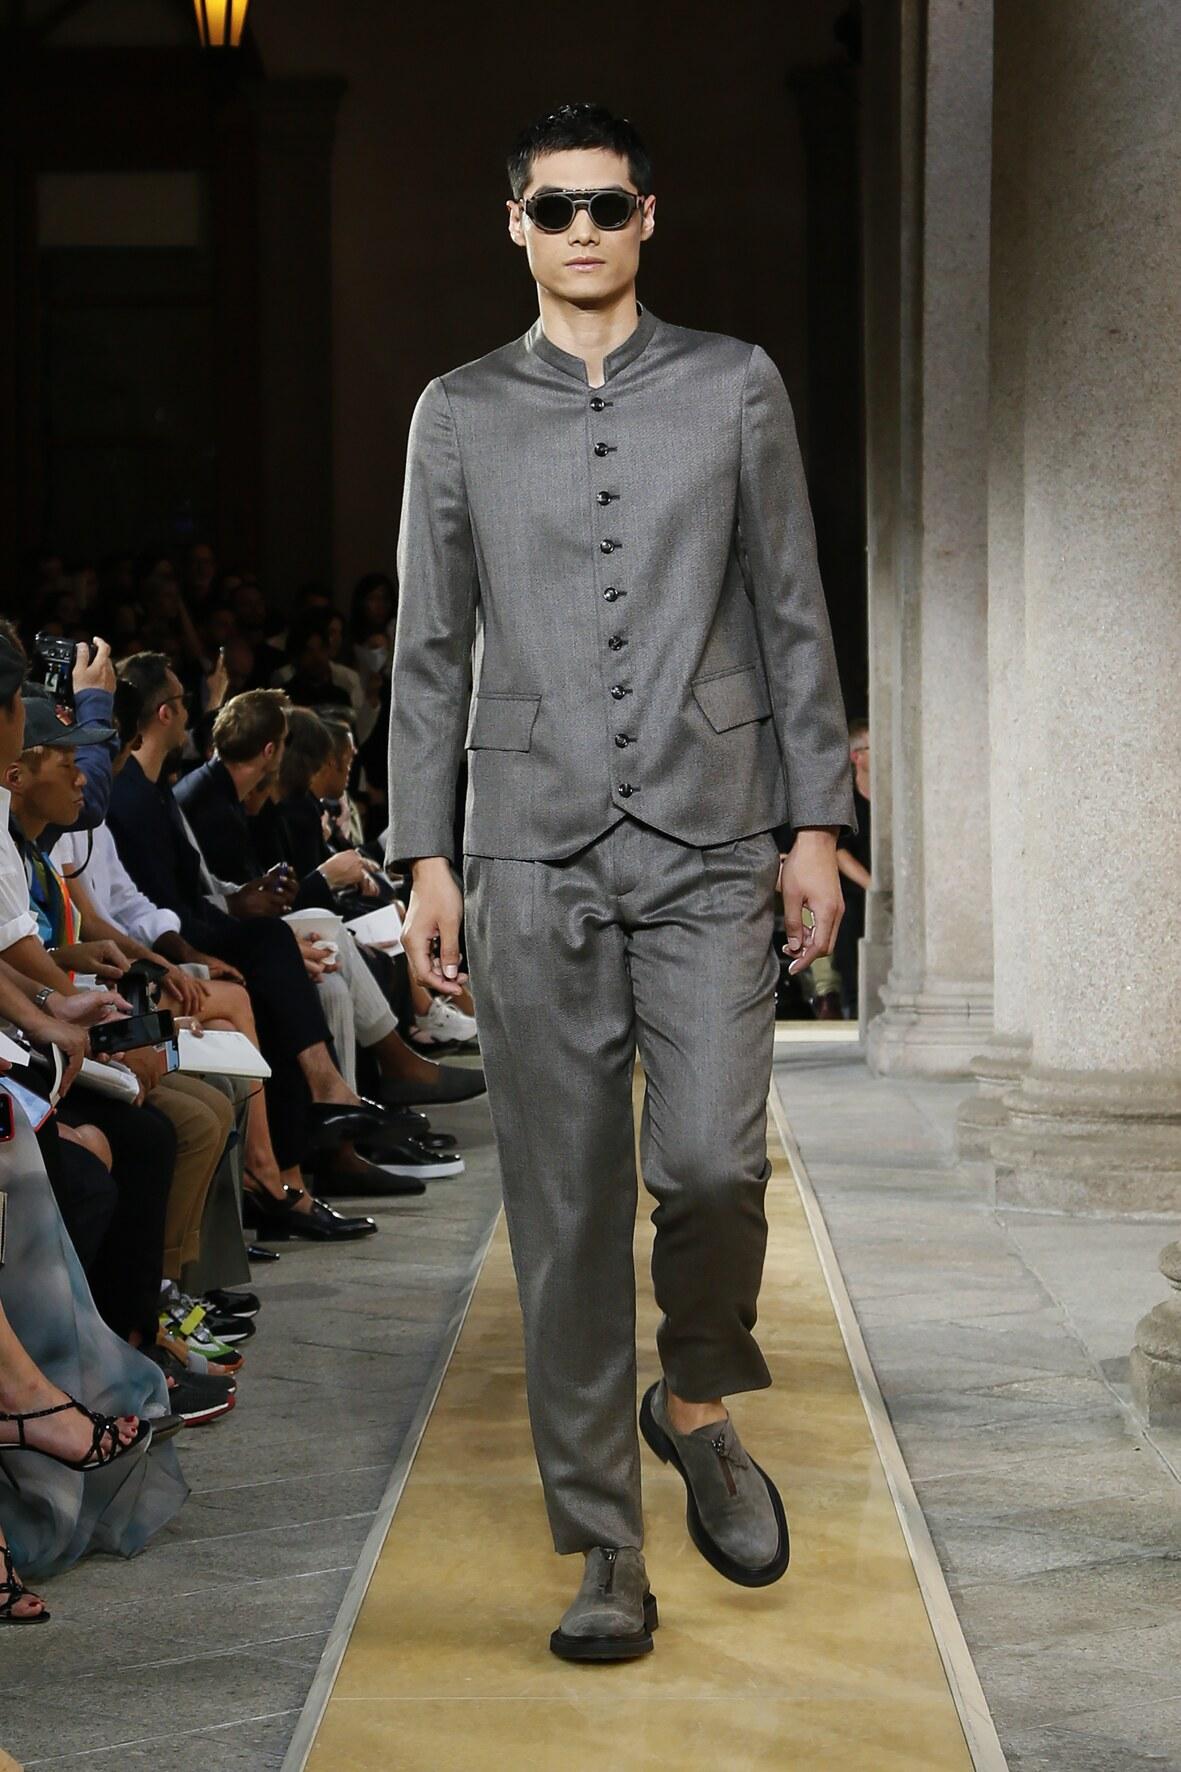 Giorgio Armani SS 2020 Menswear